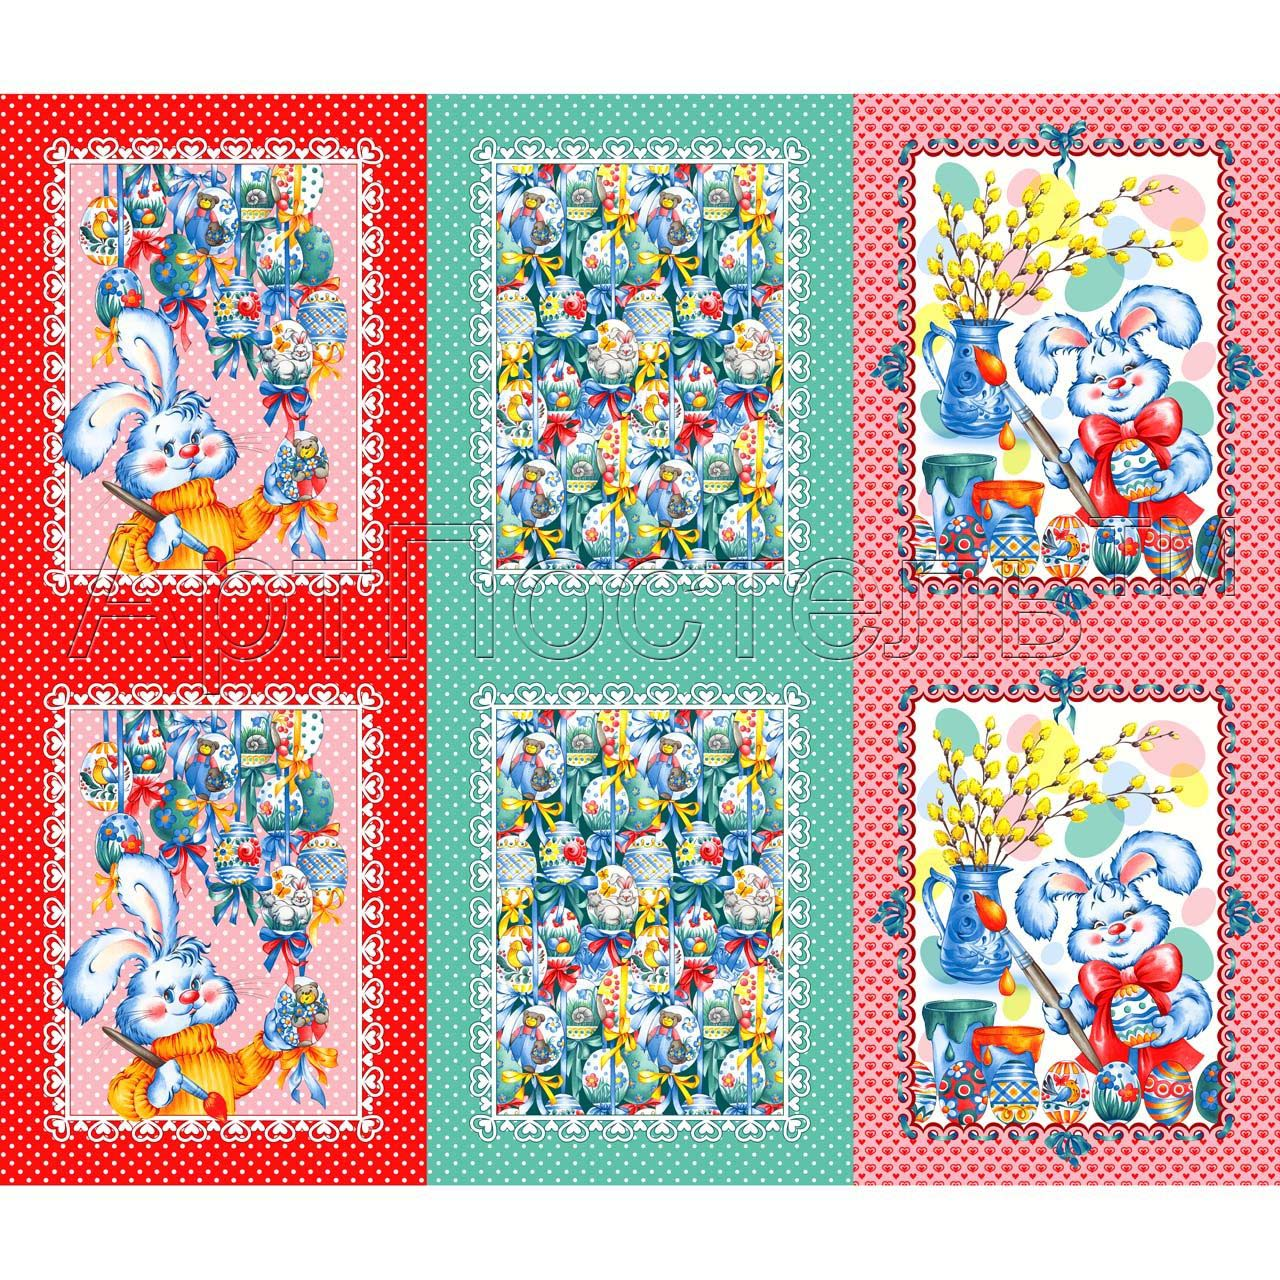 Набор полотенец Волшебные краски р. 45х60Вафельные полотенца<br>Плотность:160 г/кв. м<br><br>Тип: Набор полотенец<br>Размер: 45х60<br>Материал: Вафельное полотно